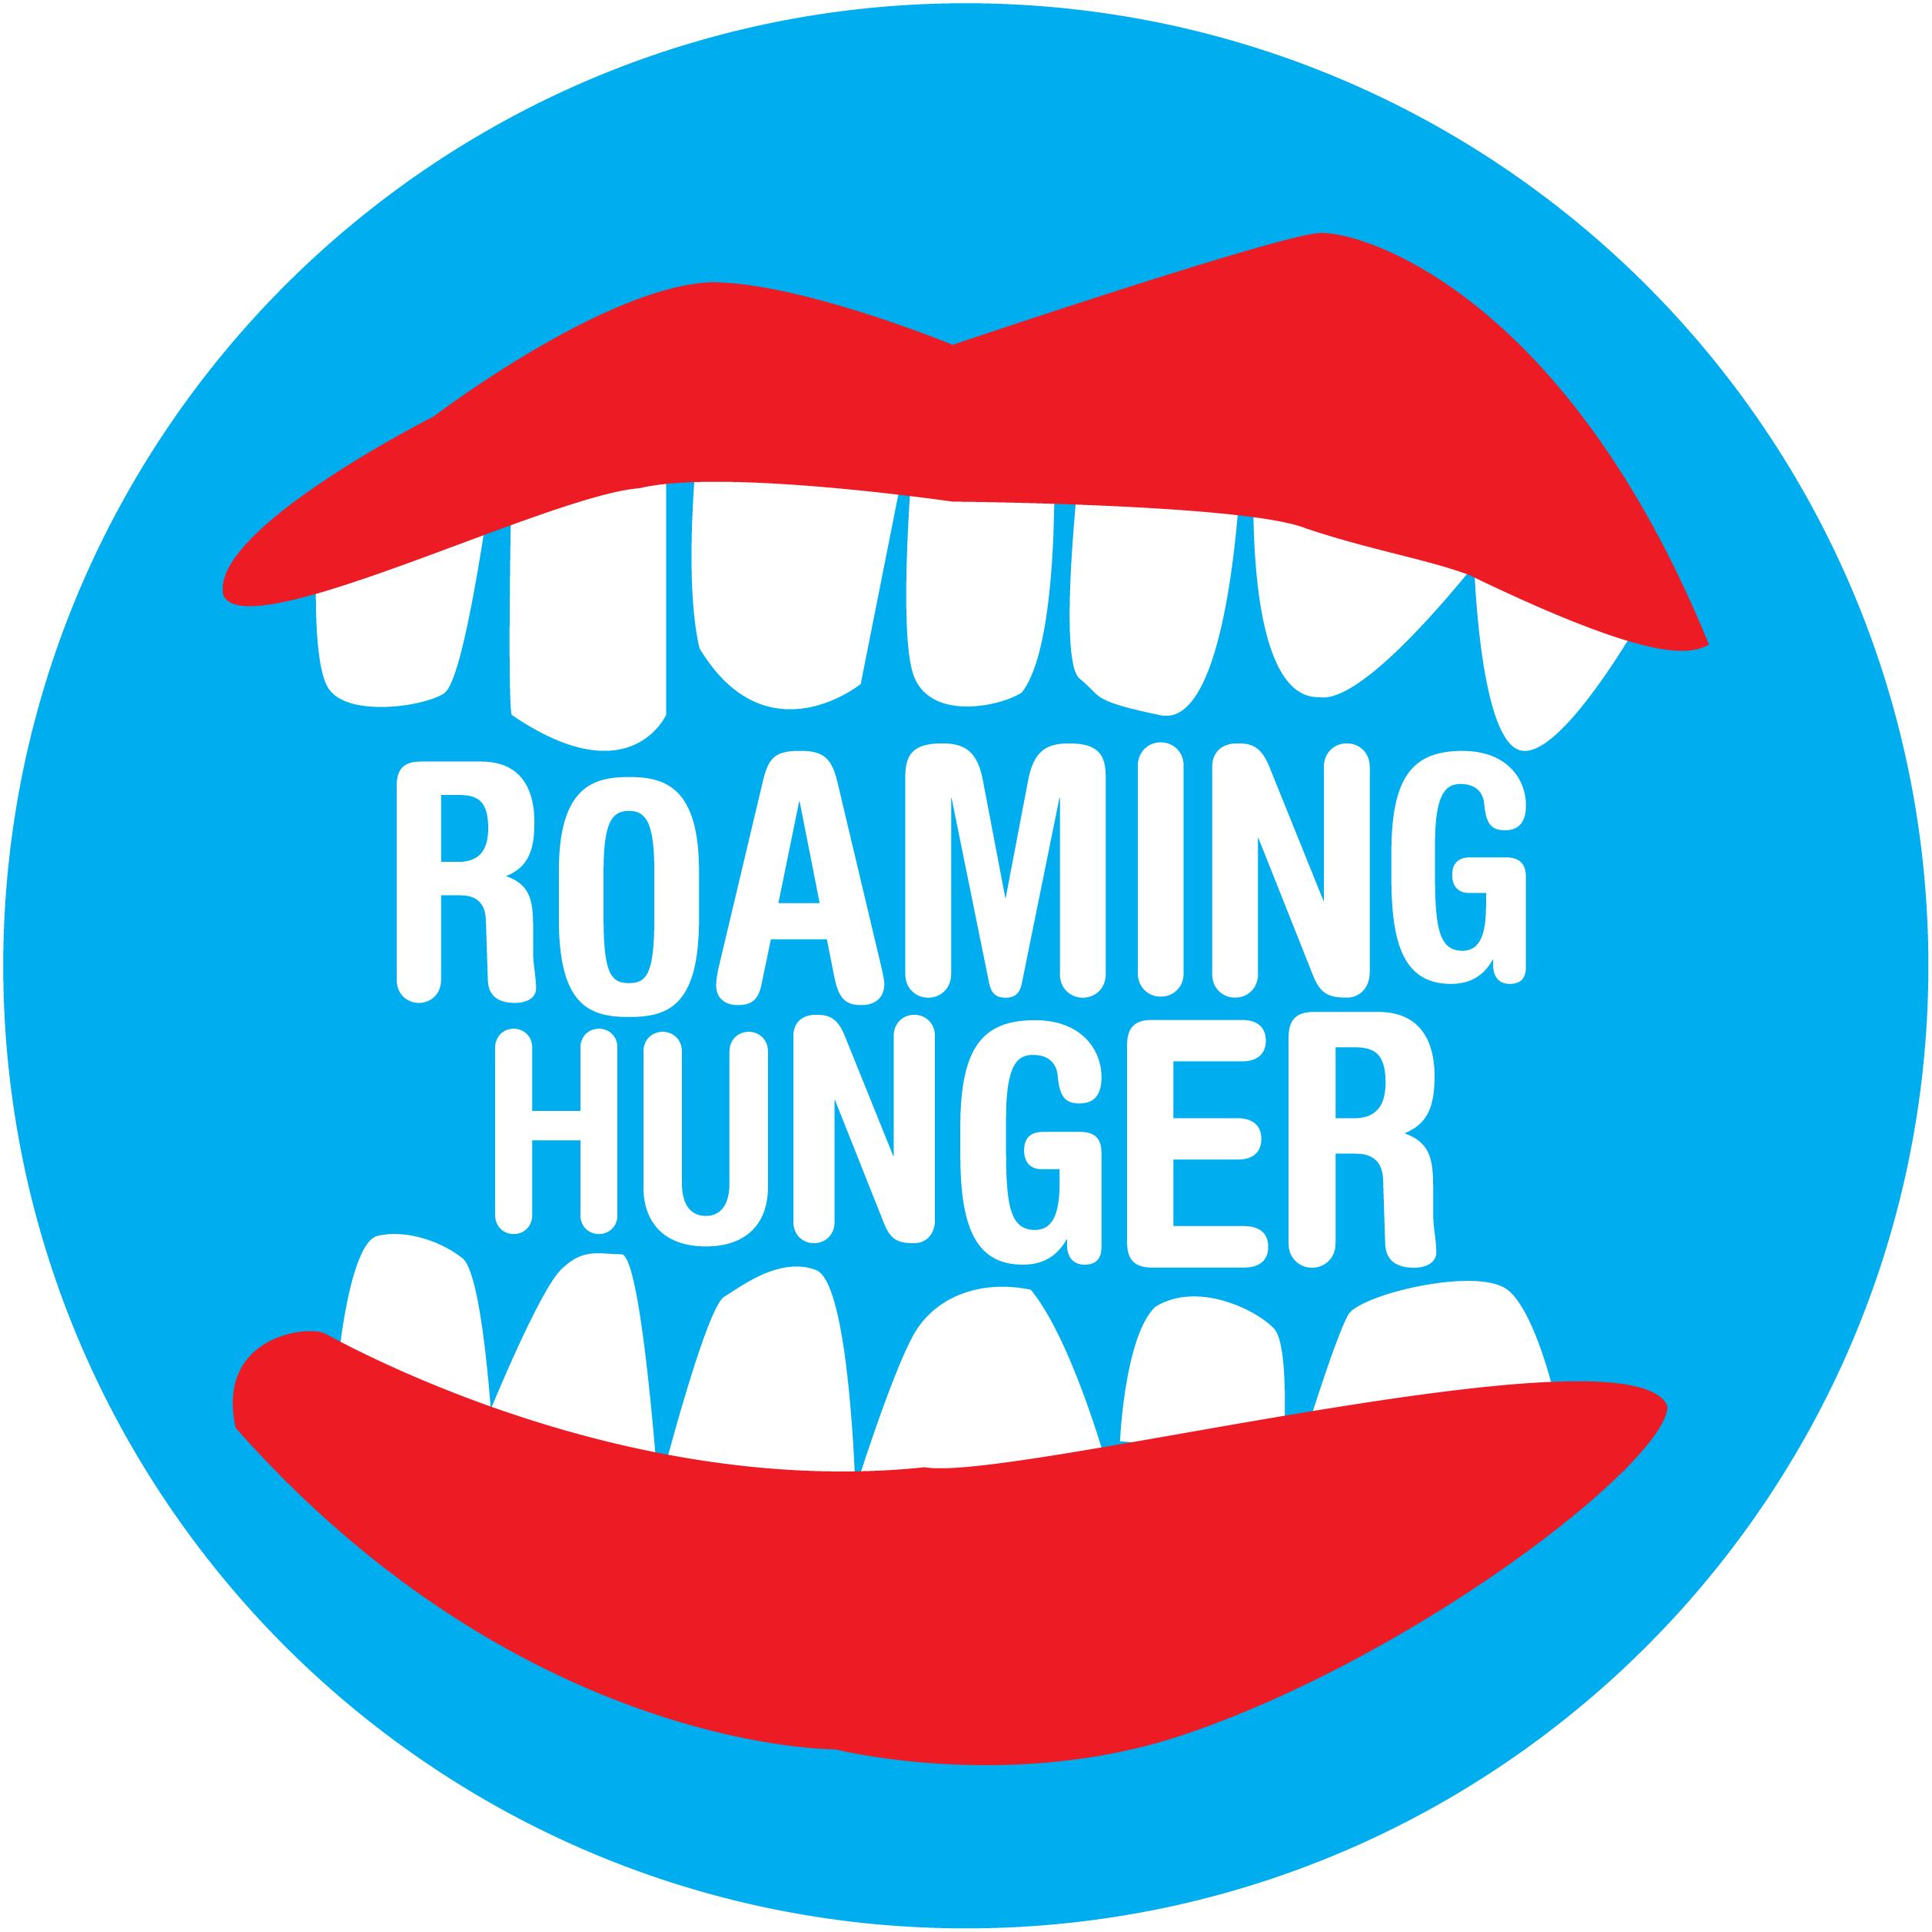 Roaming Hunger